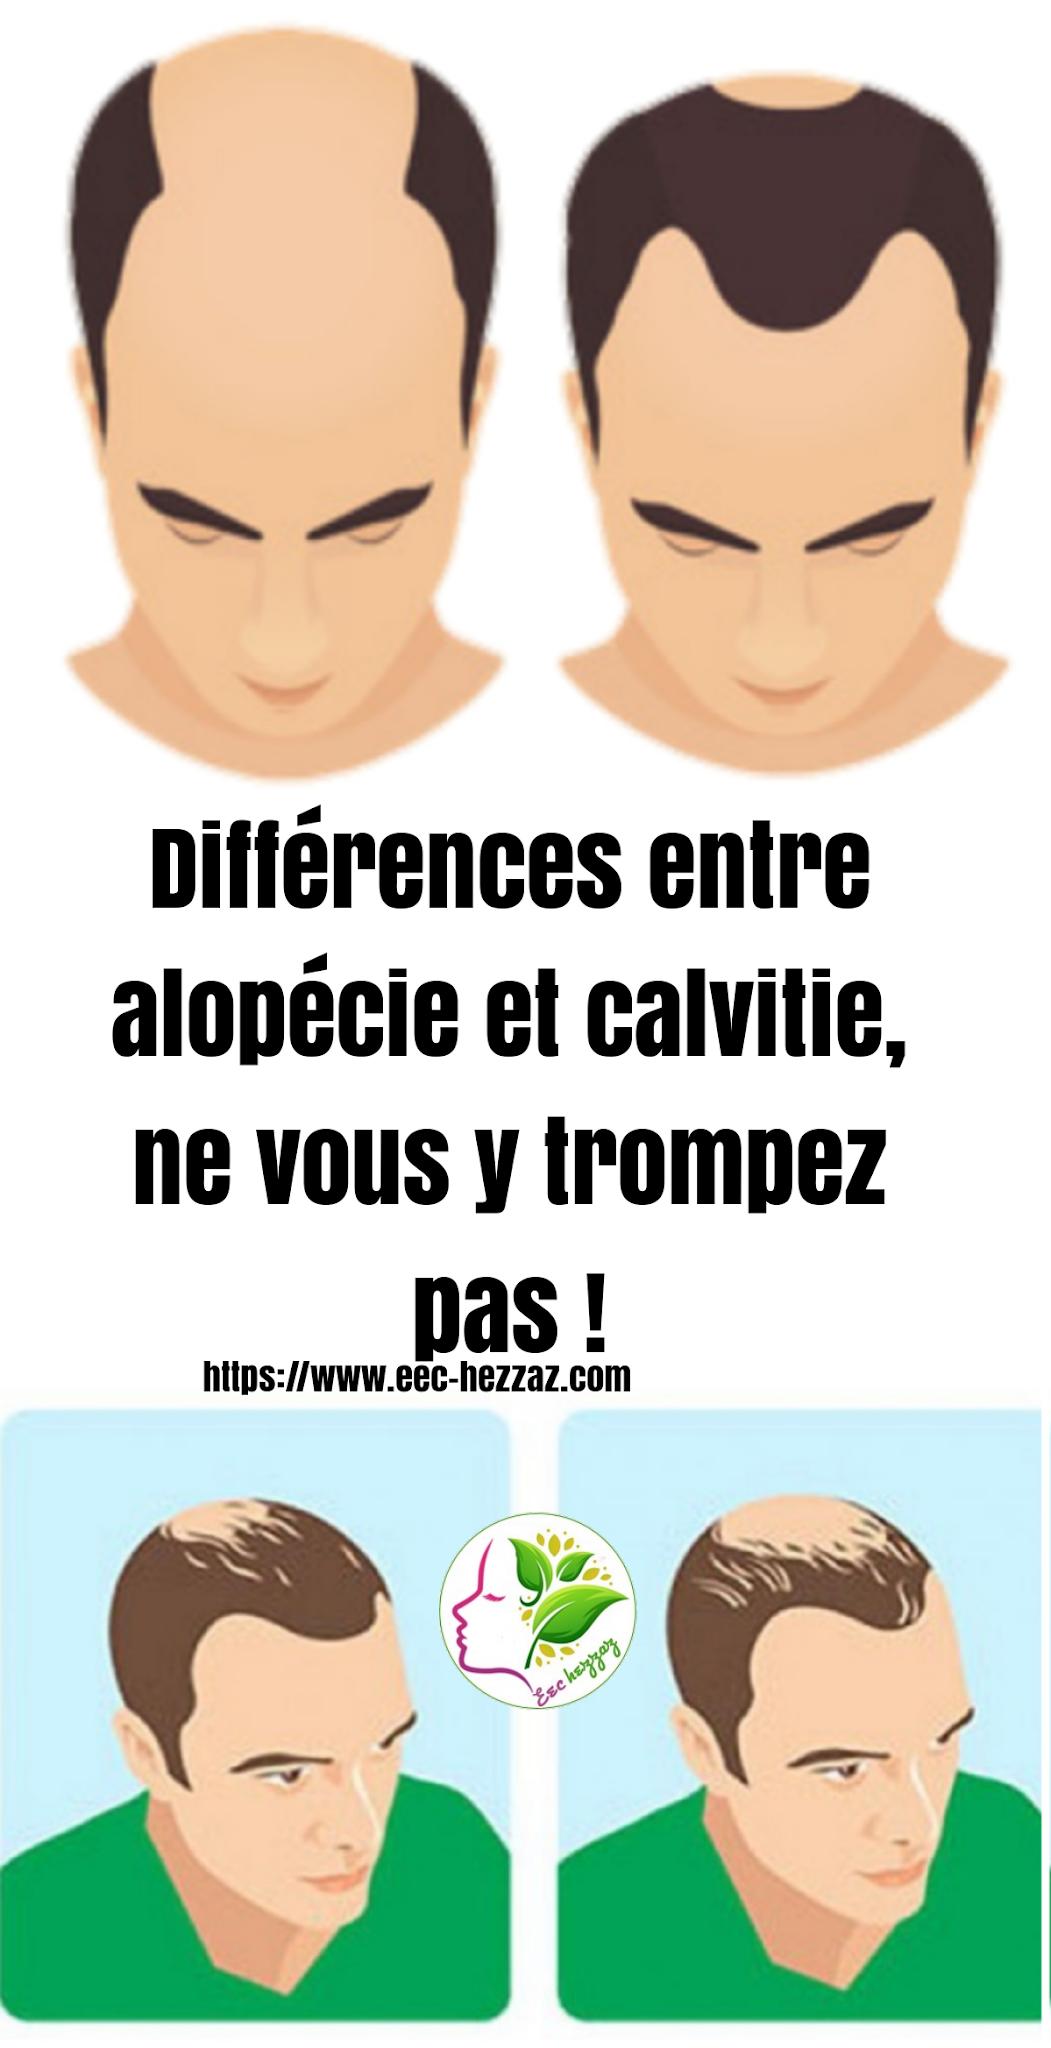 Différences entre alopécie et calvitie, ne vous y trompez pas !